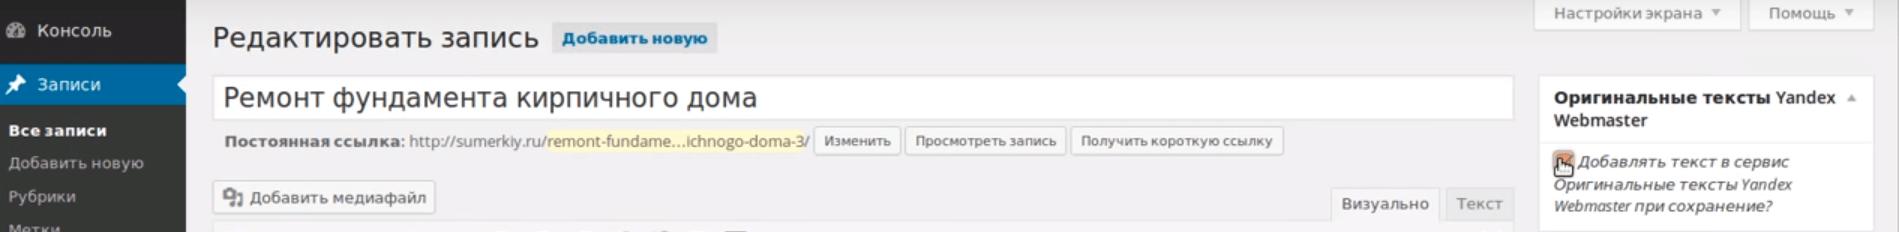 Установка плагина Original texts Yandex WebMaster Работа с плагином